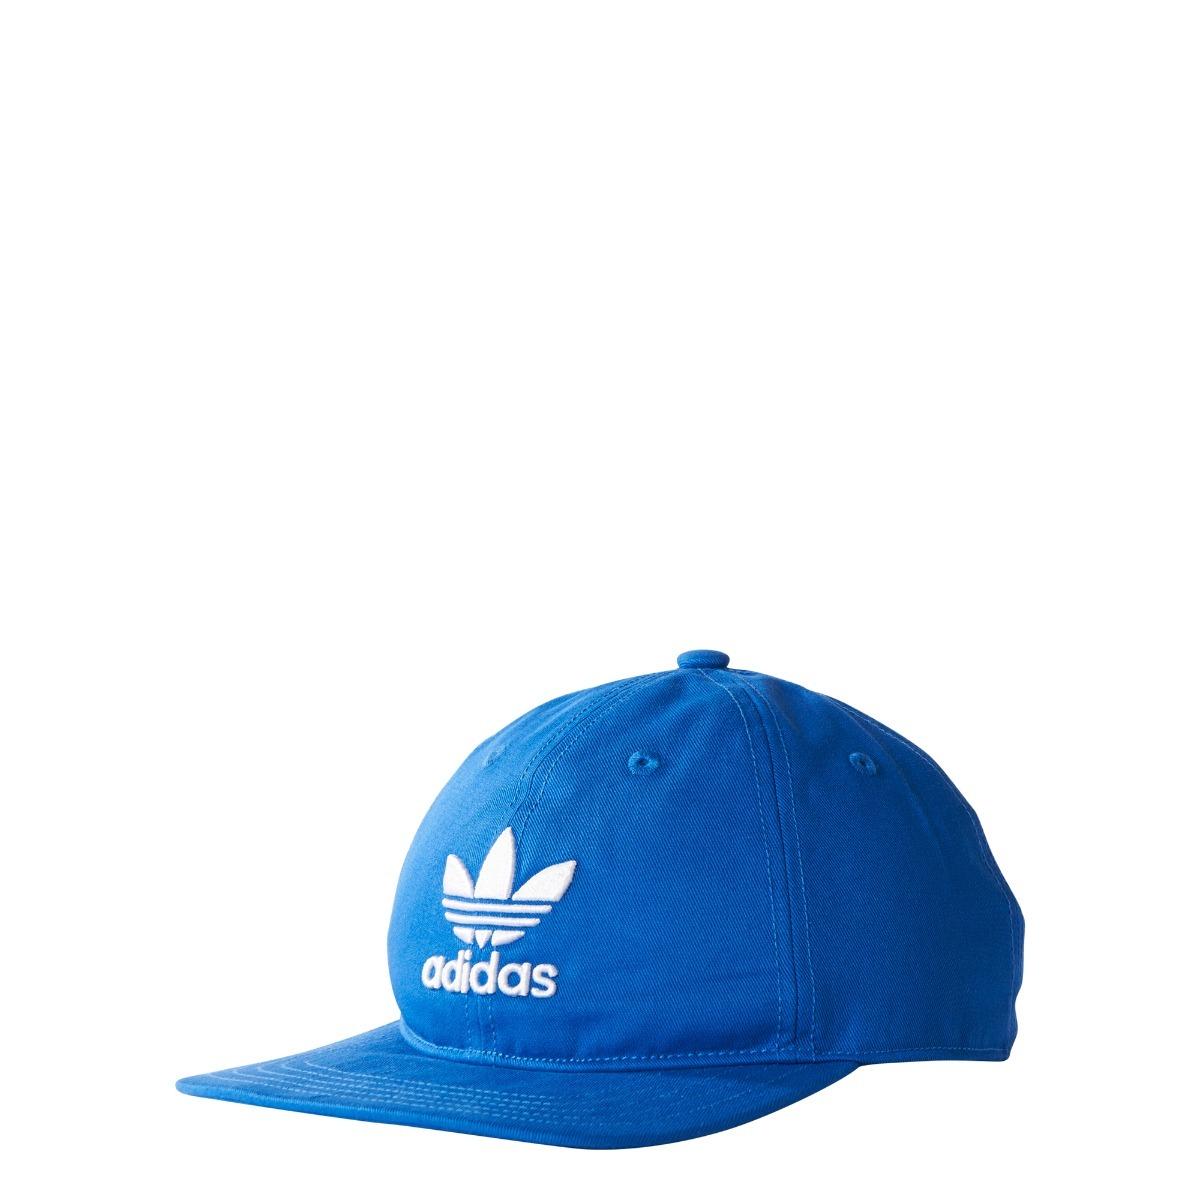 fc9718a524948 gorra adidas originals azul hombre piloto clasica moda mujer. Cargando zoom.